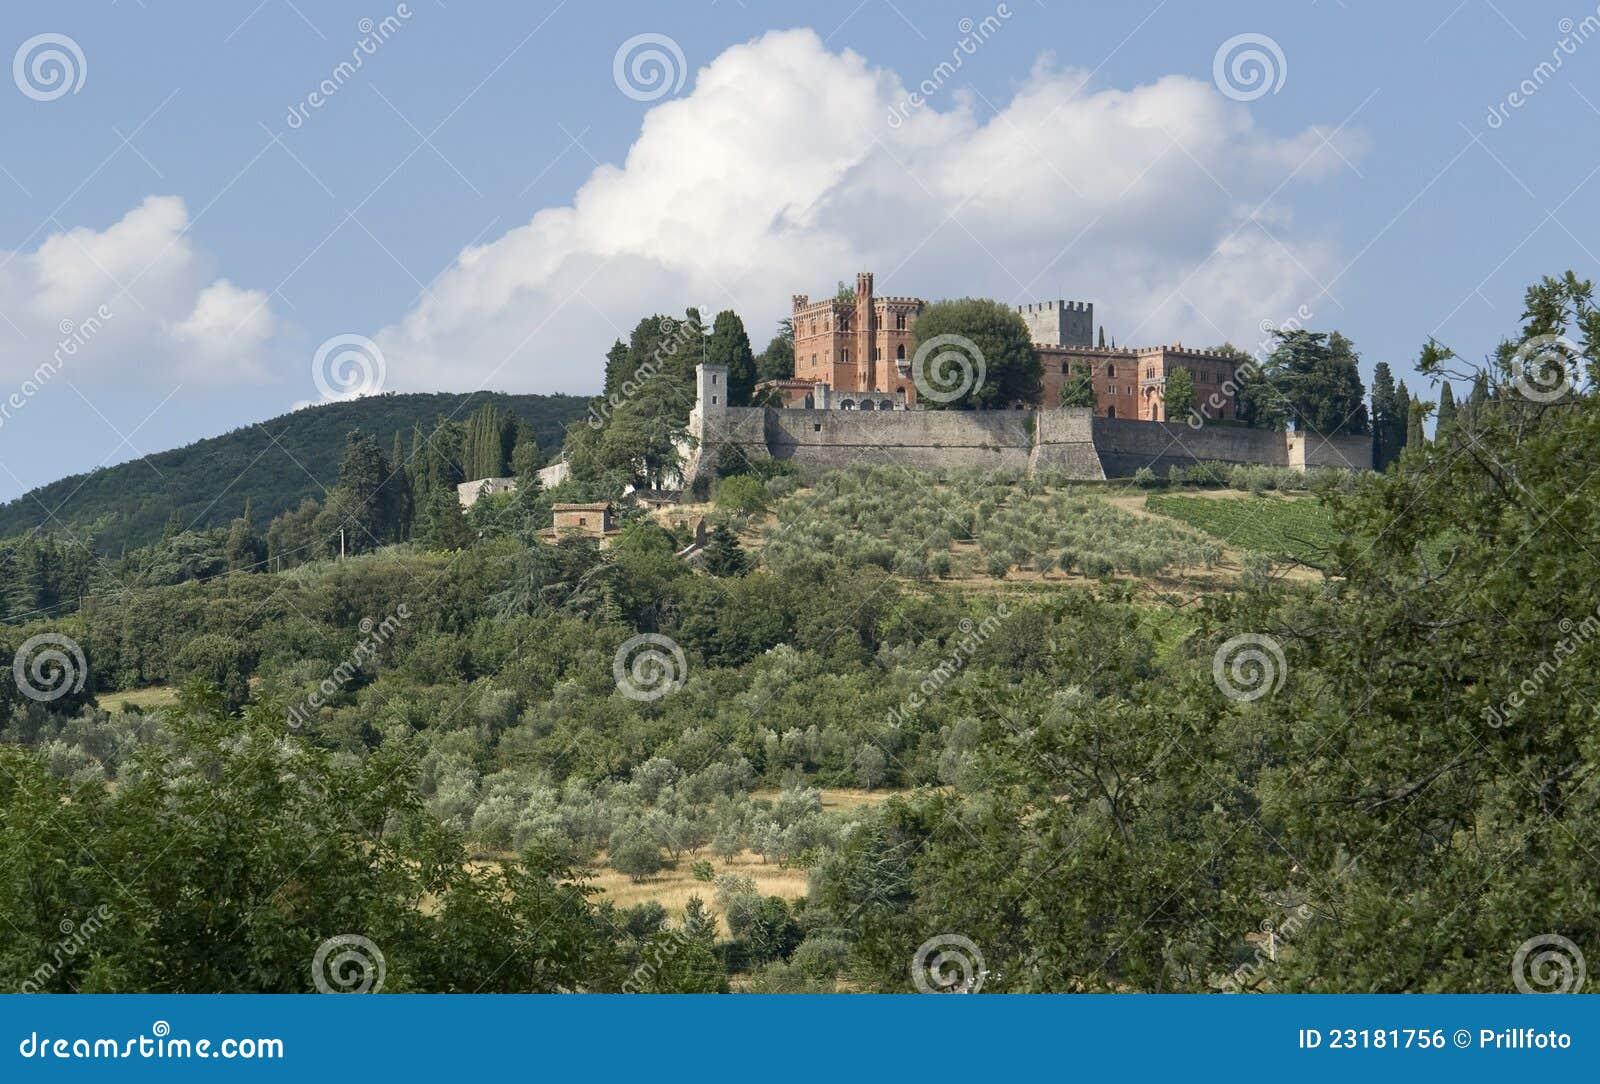 Around Castle of Brolio in Chianti